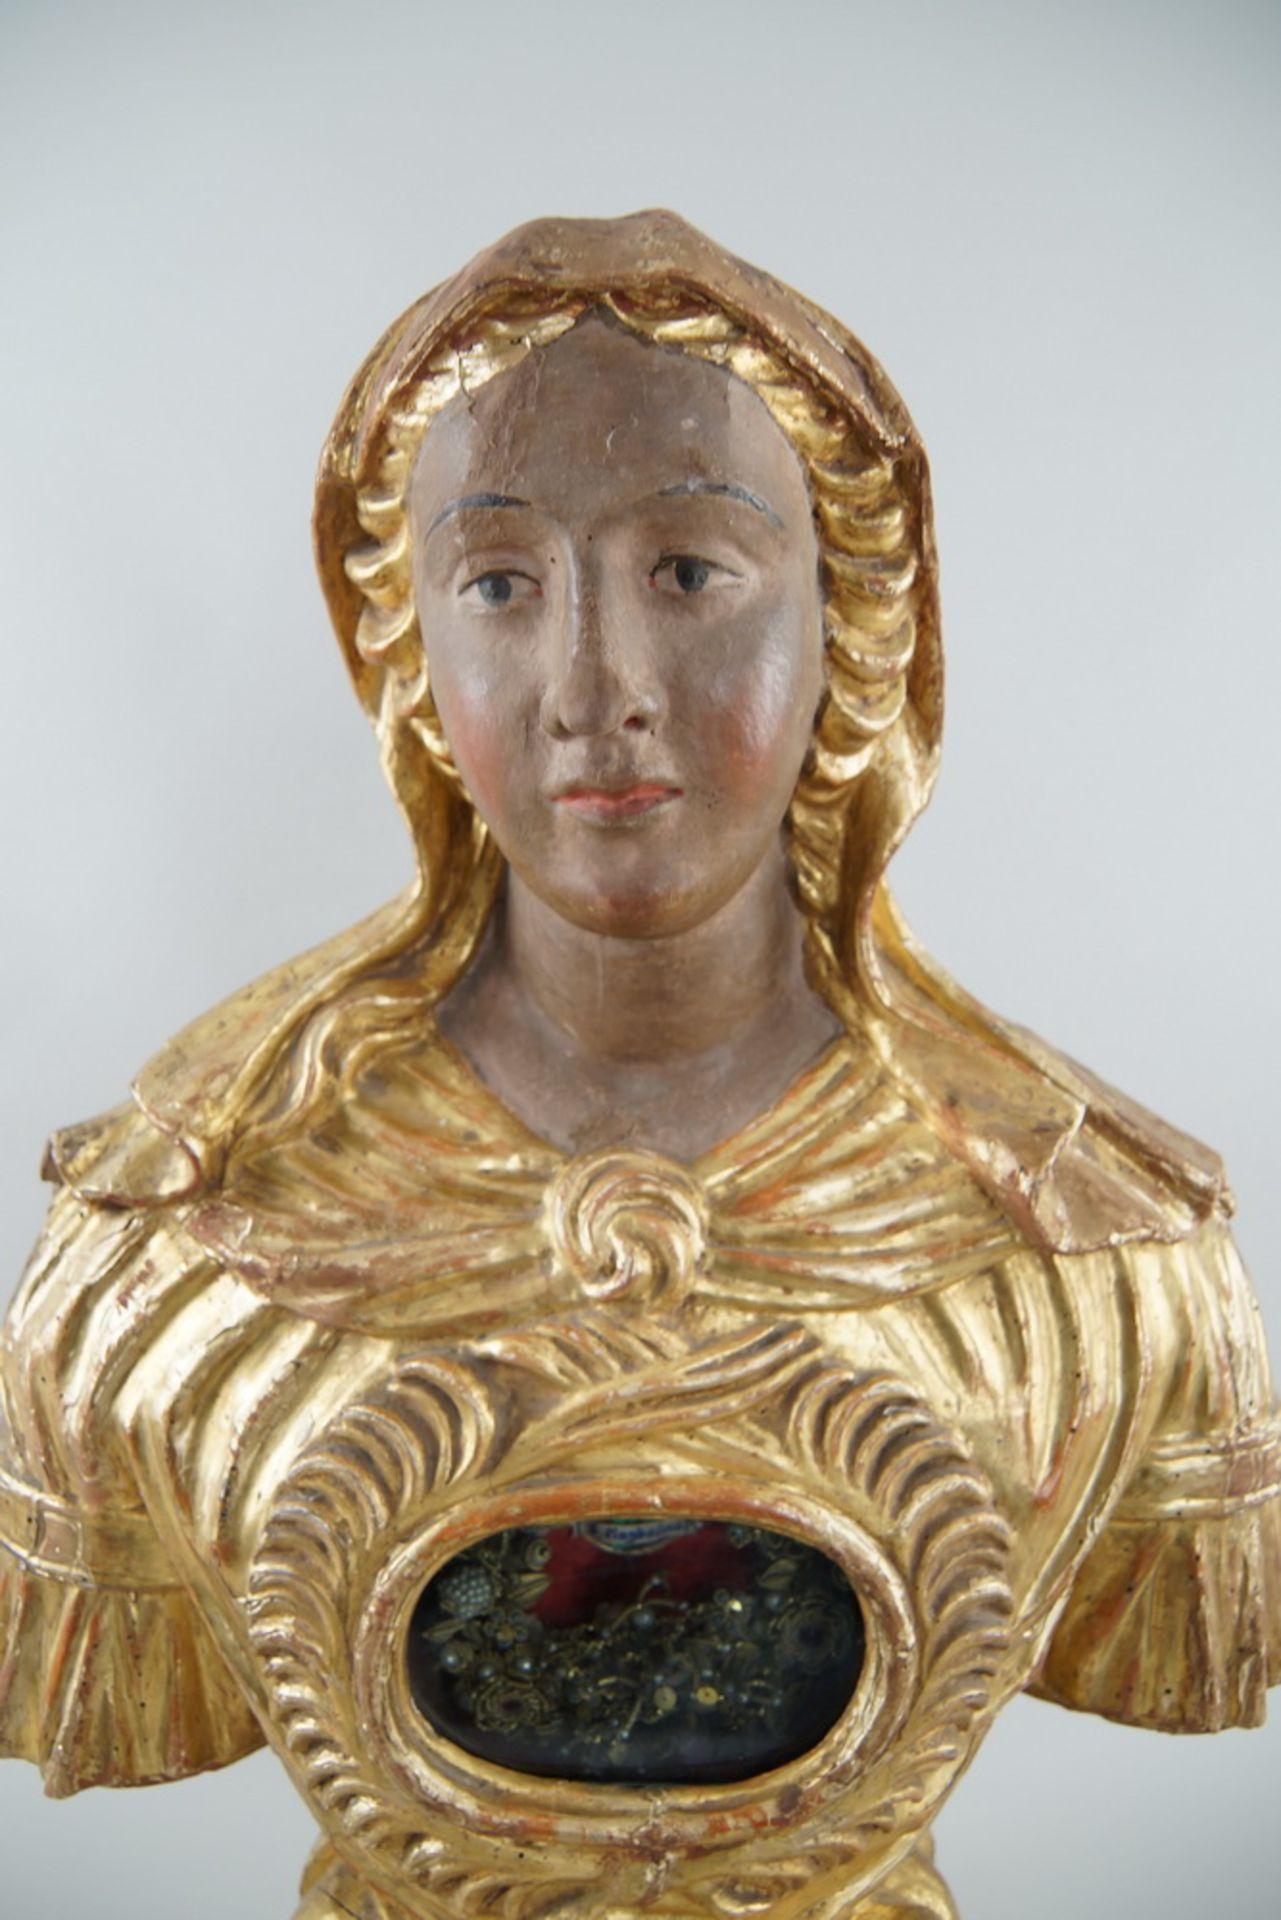 Prunkvolle Reliquienskulptur, Büste auf prächtigem Sockel, Holz geschnitzt, gefasst und - Bild 3 aus 9